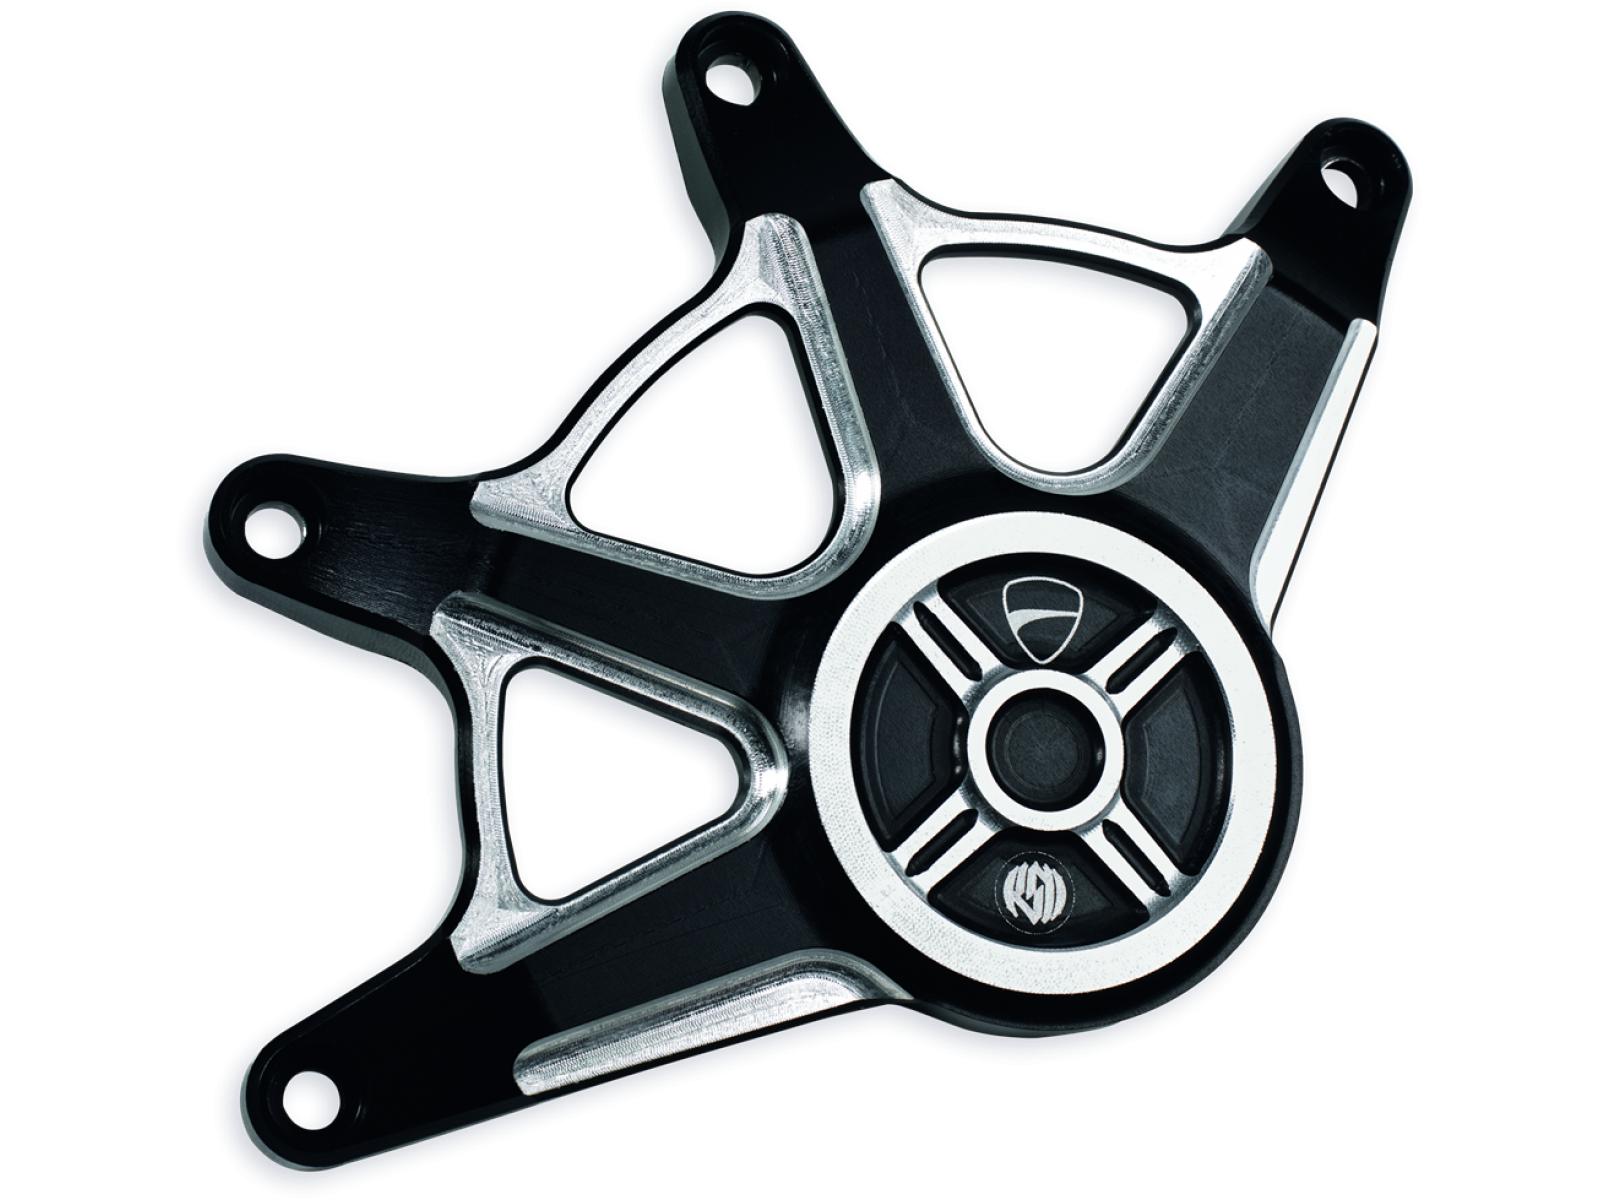 Накладка на крышку сцепления для Ducati XDiavel 16-17, XDiavel S 16-17